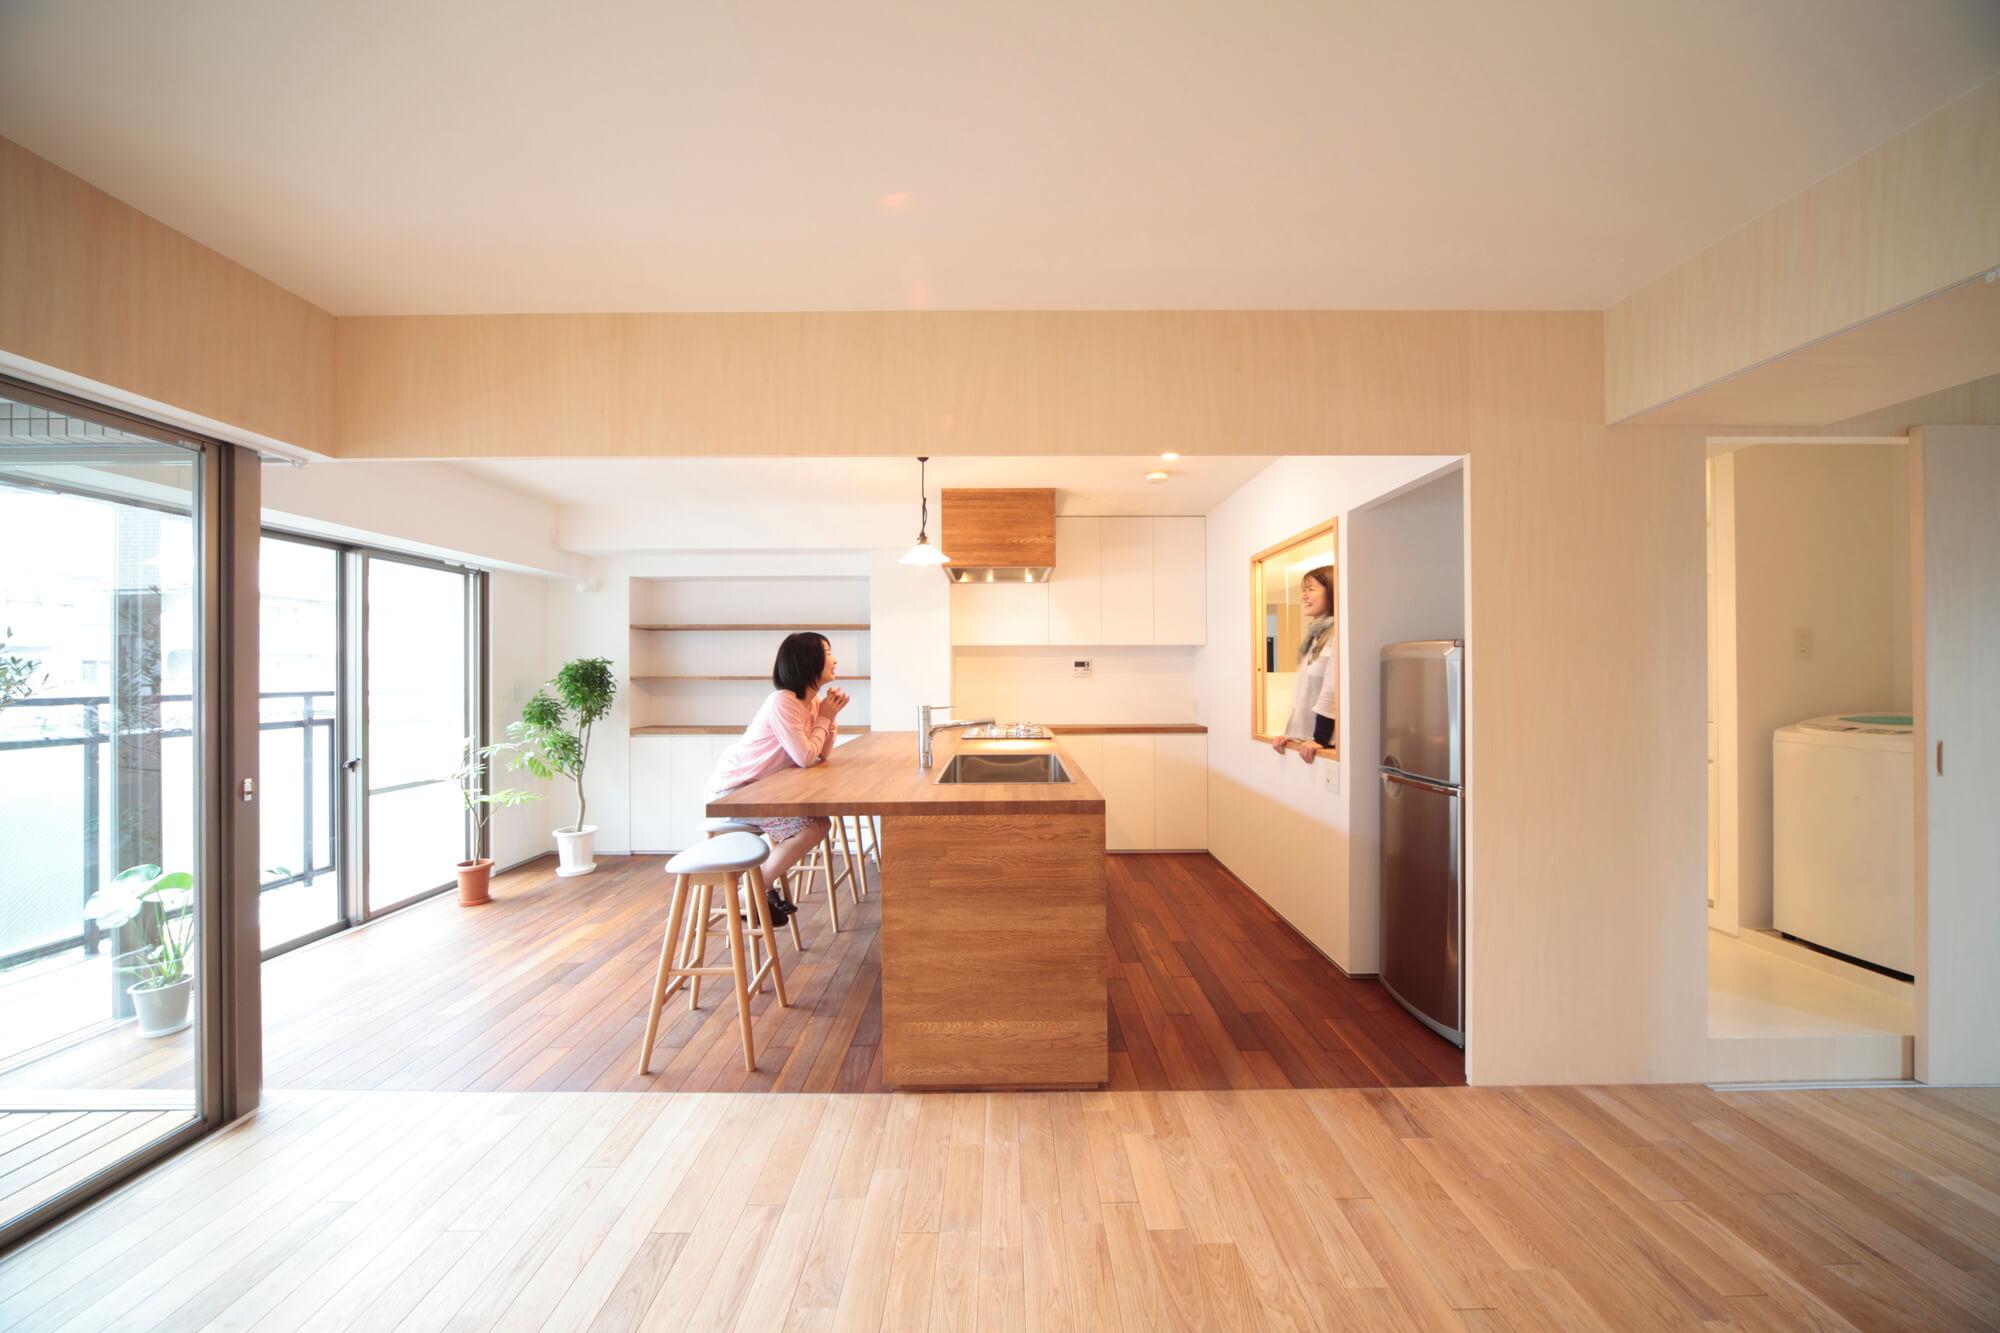 Японский интерьер кухни в доме